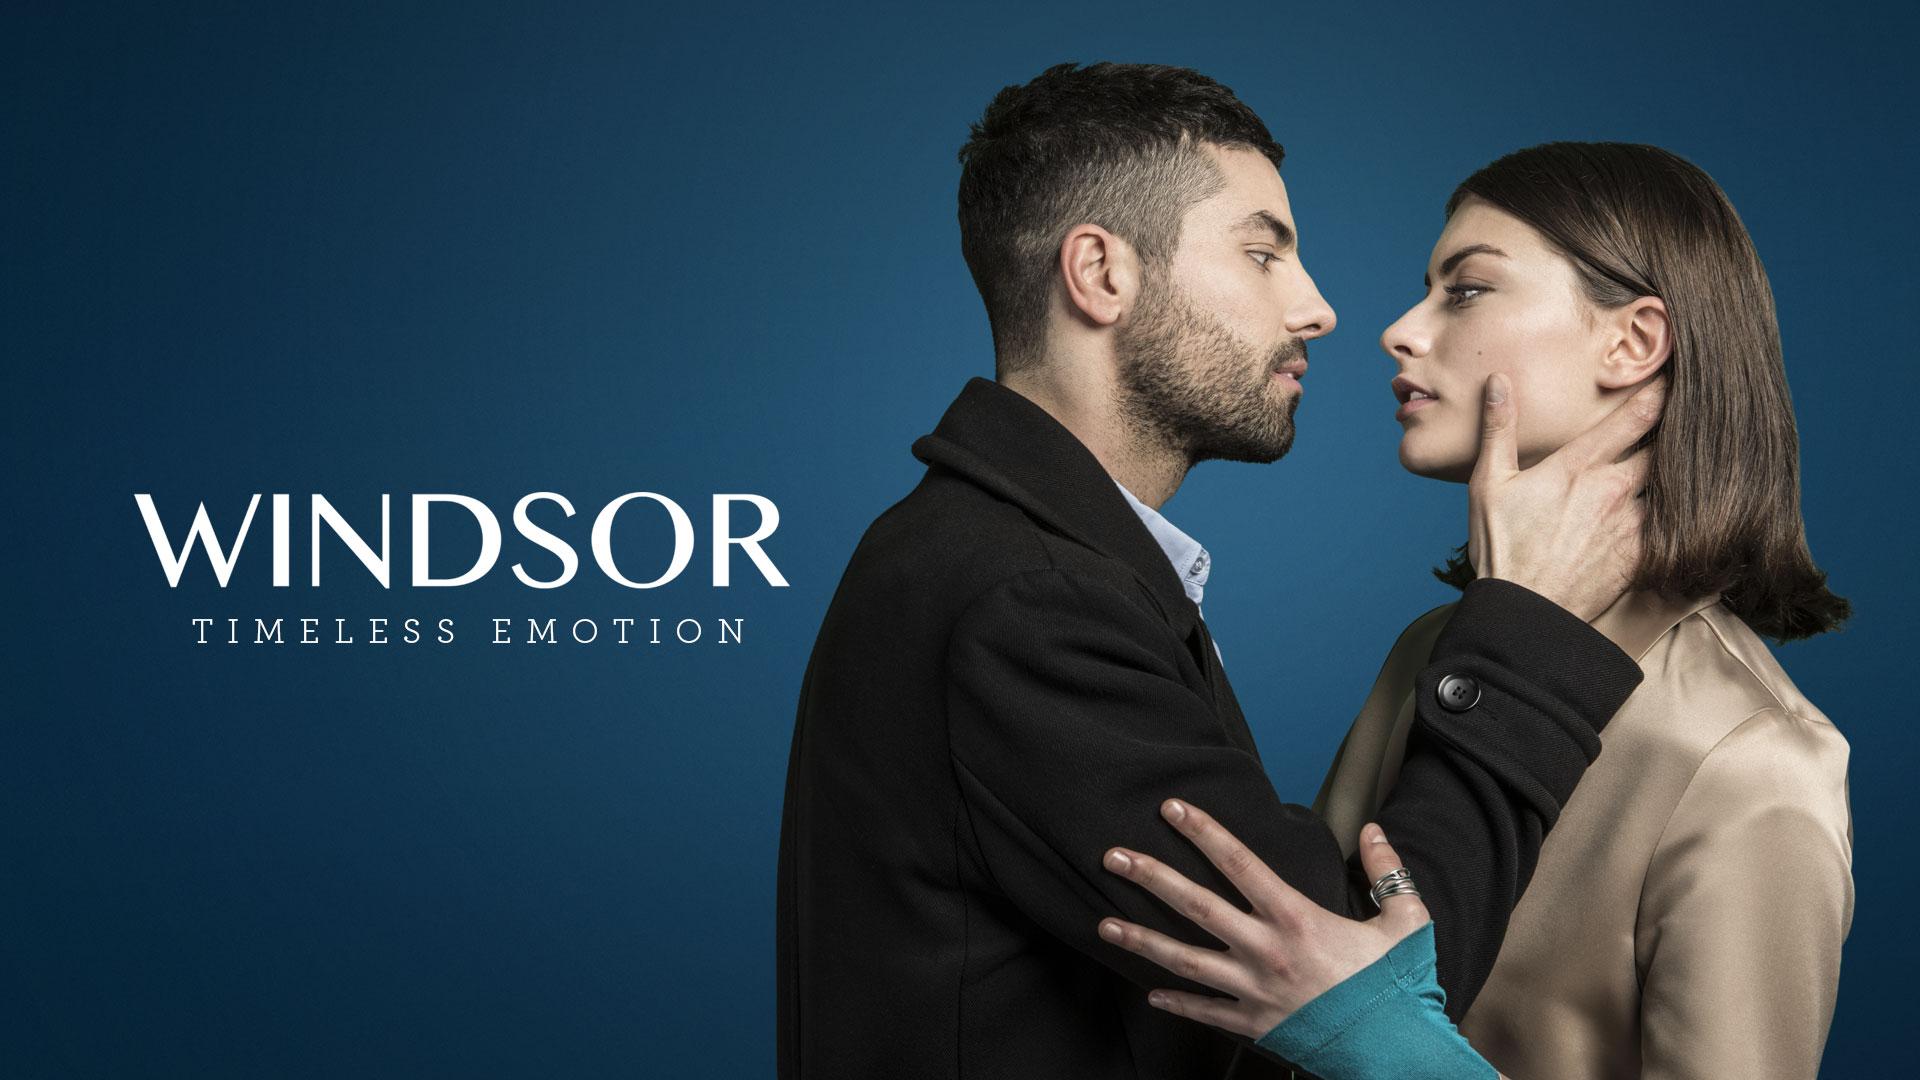 WINDSOR – timeless emotion